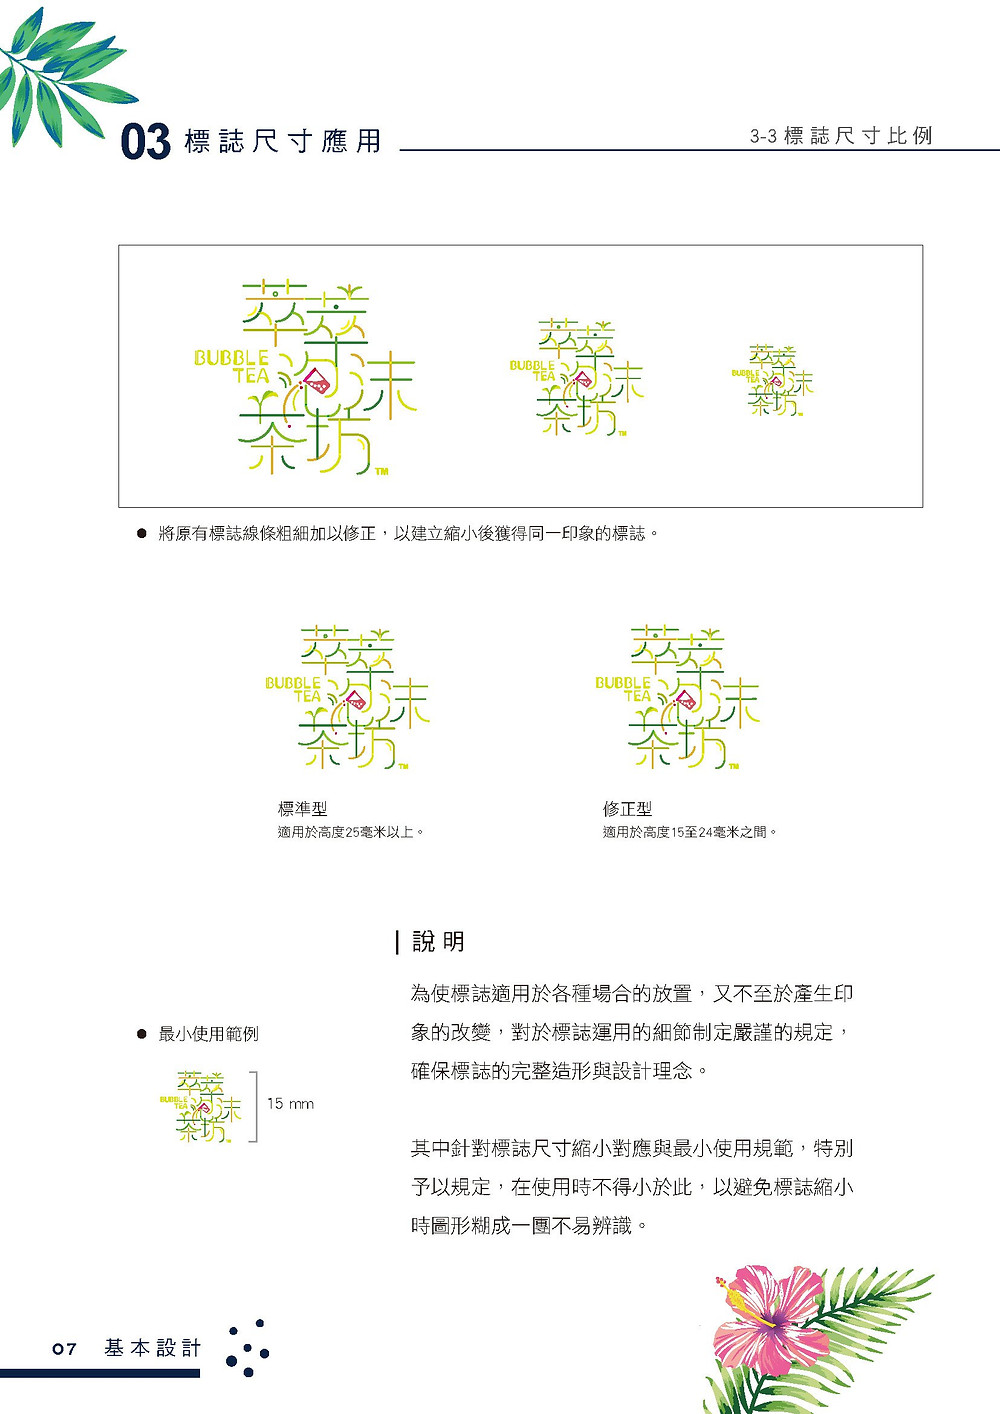 萃萃泡沫茶坊 品牌識別系統手冊 基礎規範